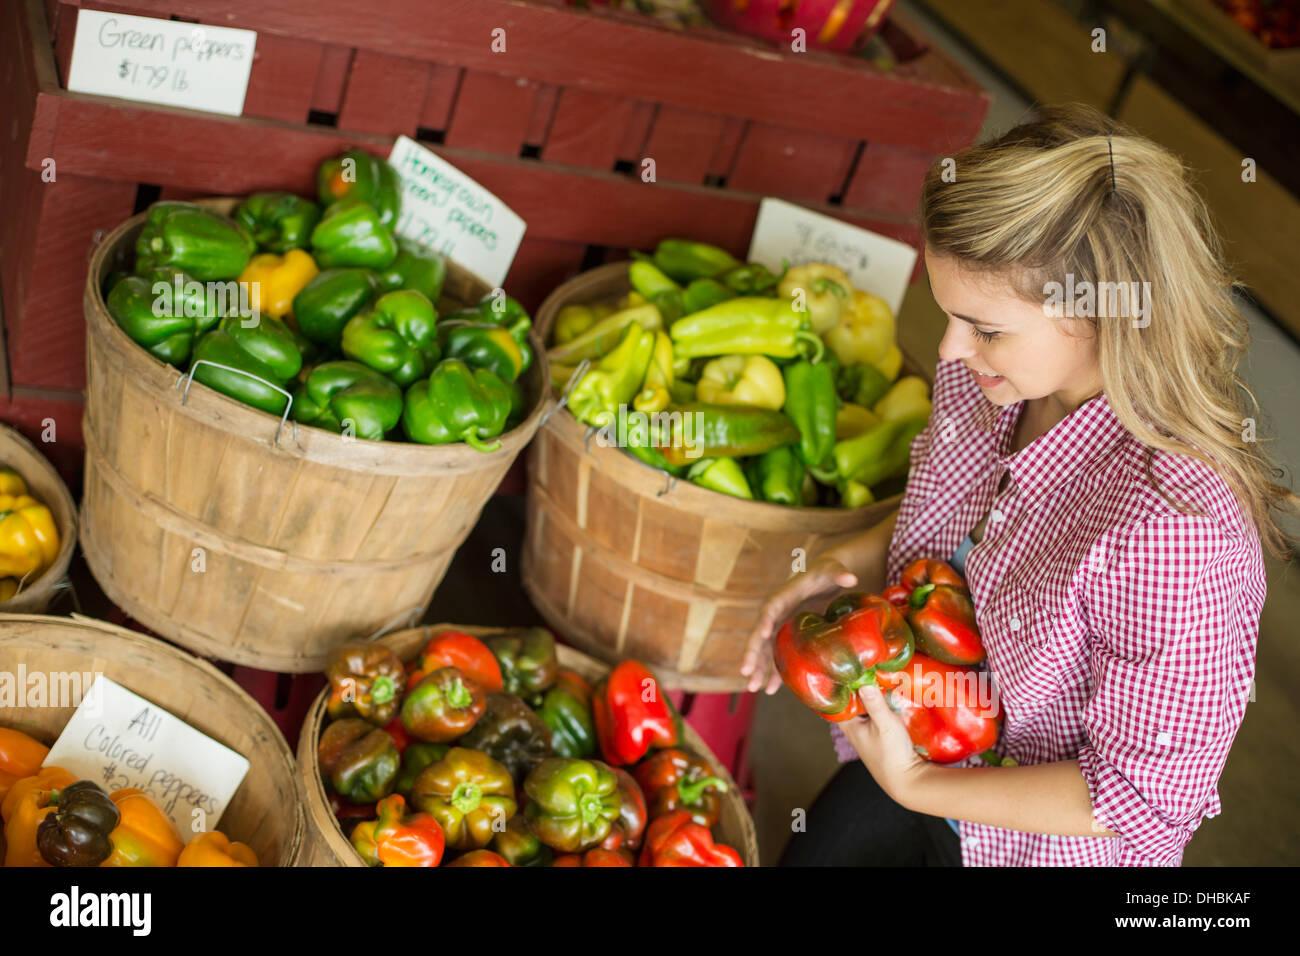 Travailler sur une ferme biologique. Une jeune femme aux cheveux blonds différents types de tri bell pepper pour Banque D'Images